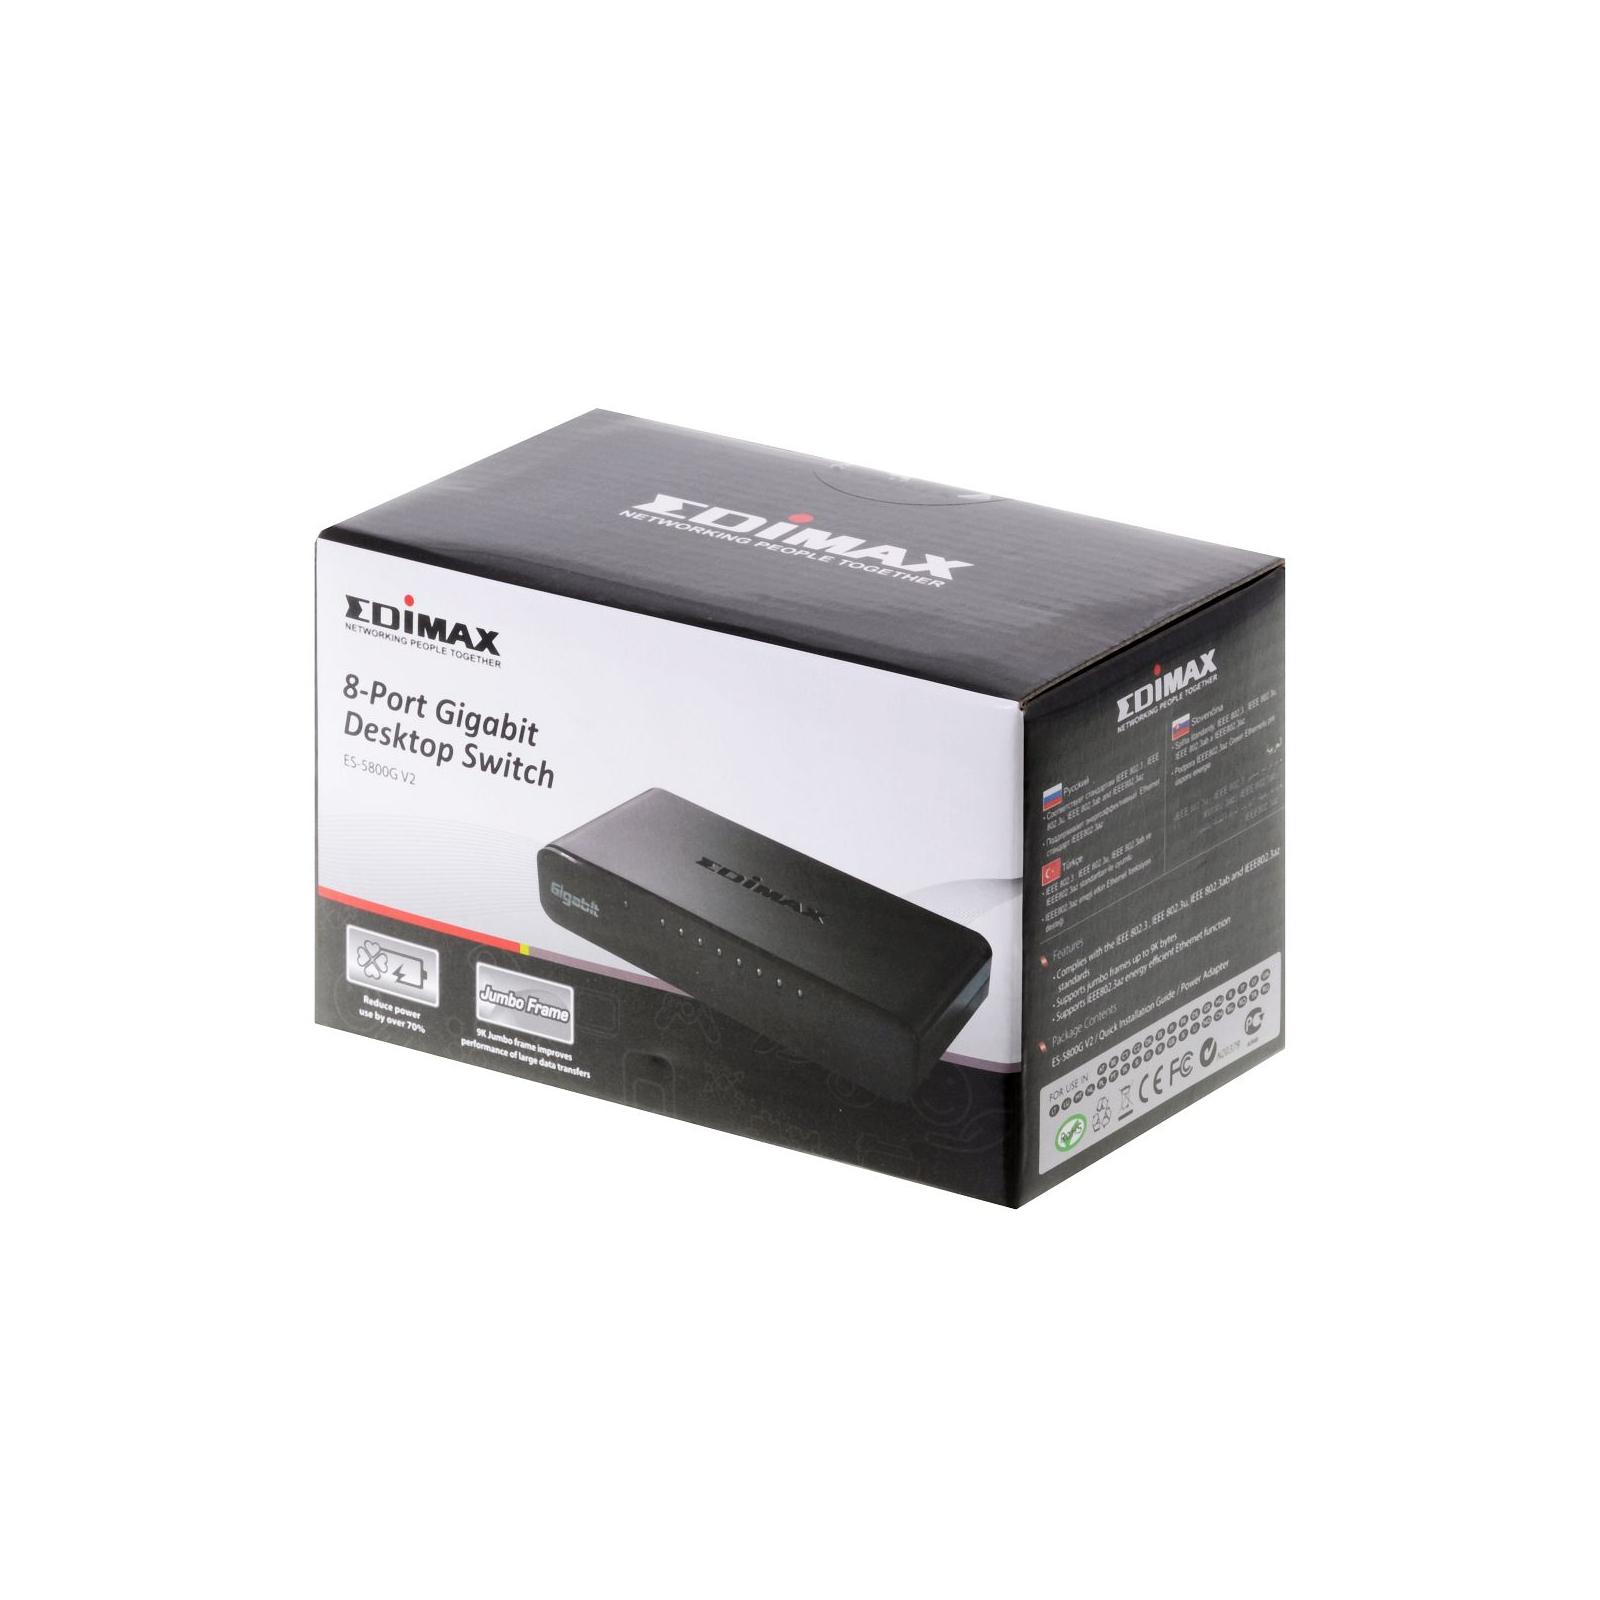 Коммутатор сетевой EDIMAX ES-5800G V2 изображение 3